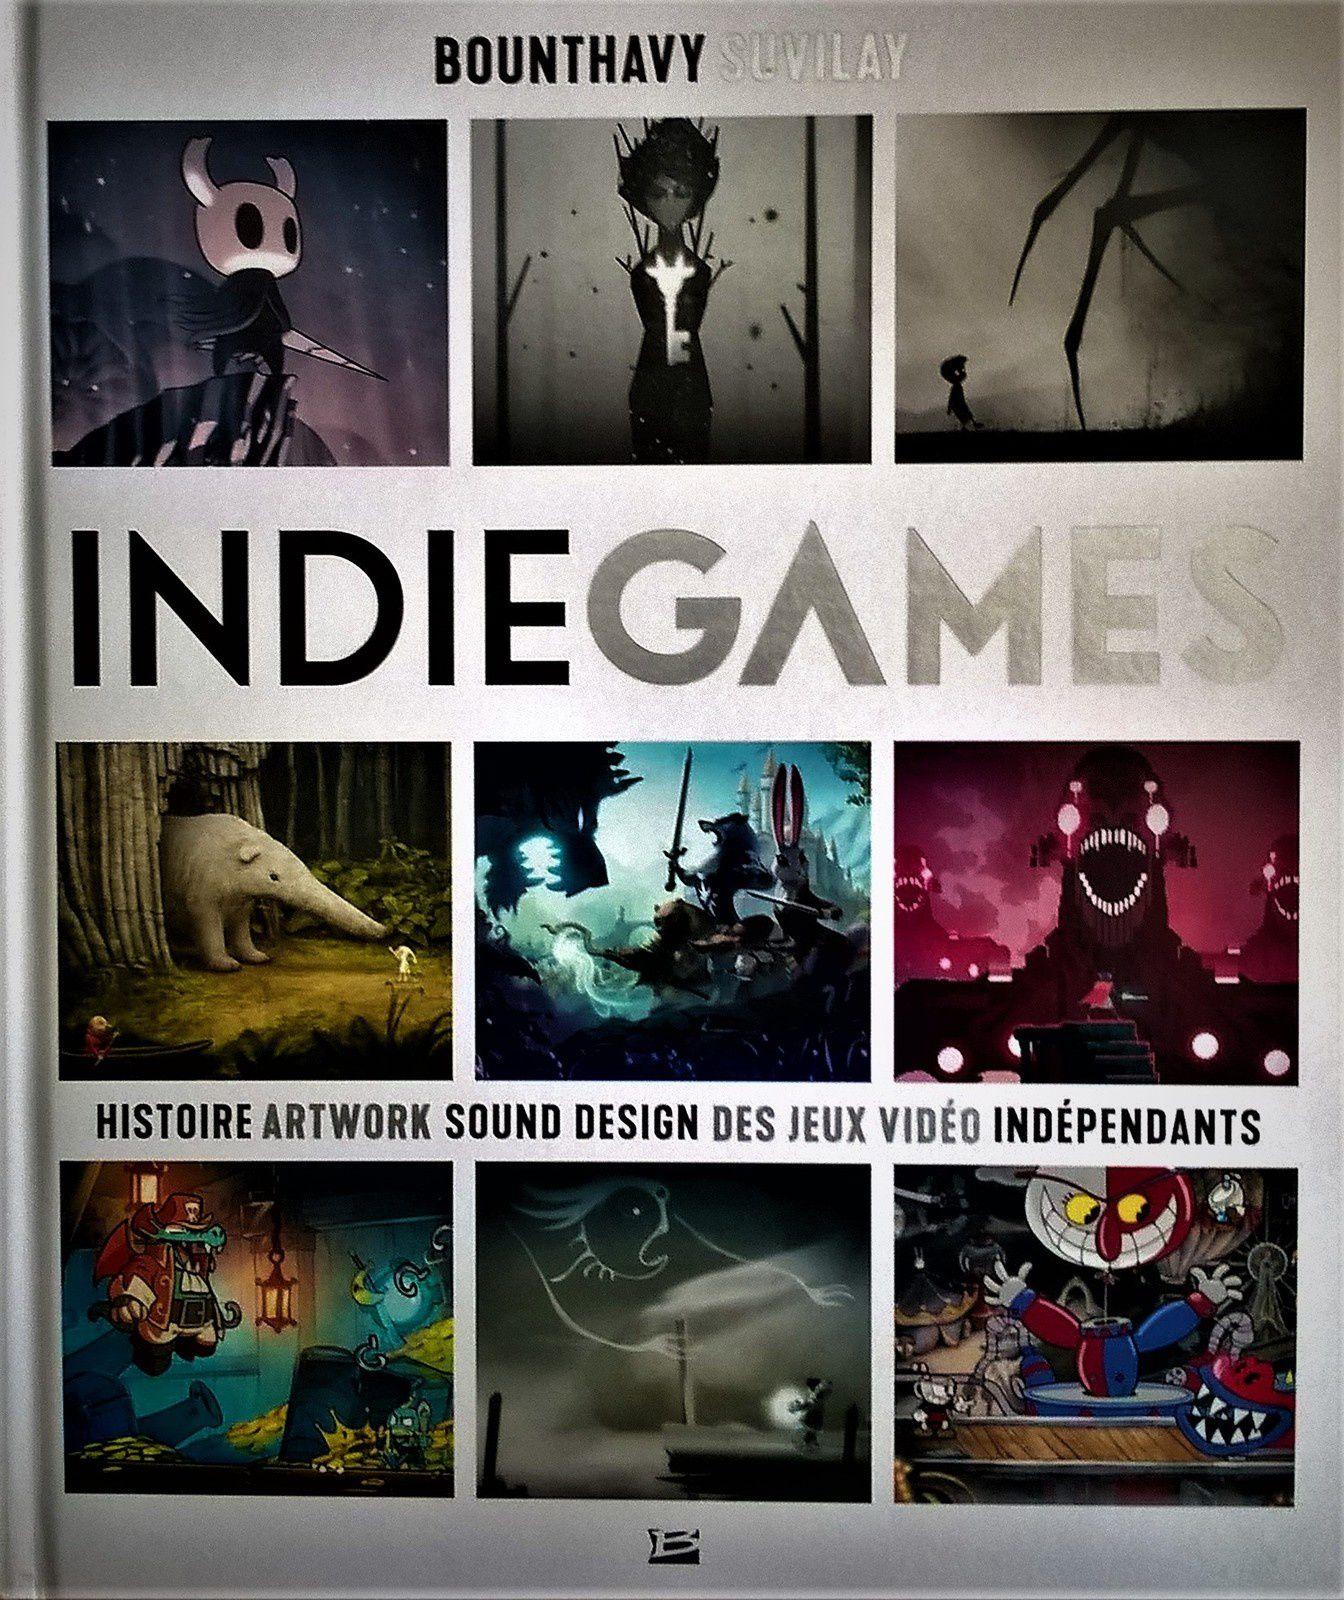 INDIE GAMES : Une histoire du jeu vidéo indépendant - Par Bounthavy Suvilay